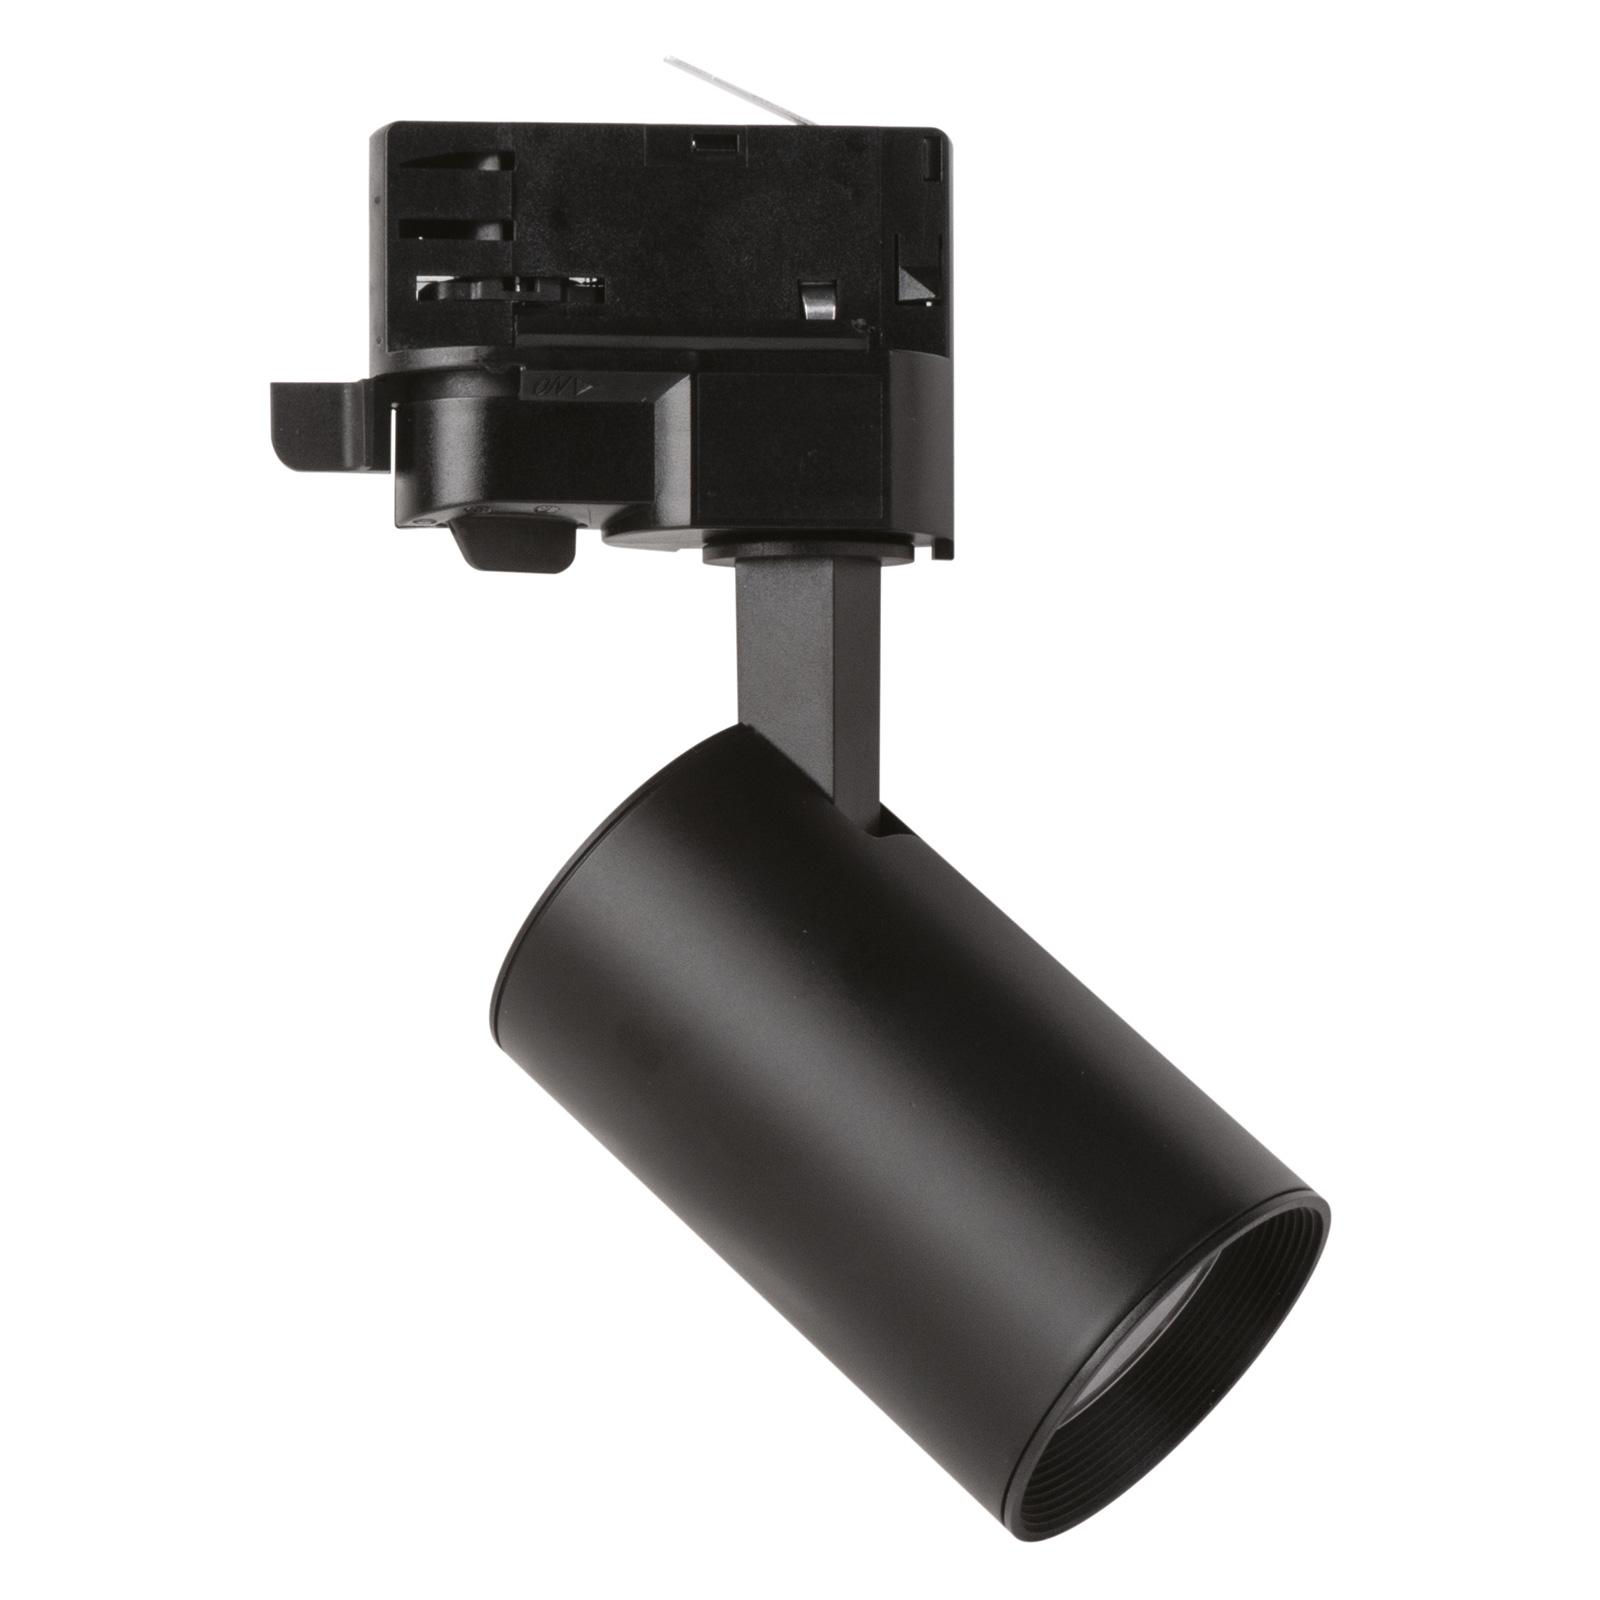 LED-spotti MarcoMini 3-vaihekiskoon, musta 4 000 K